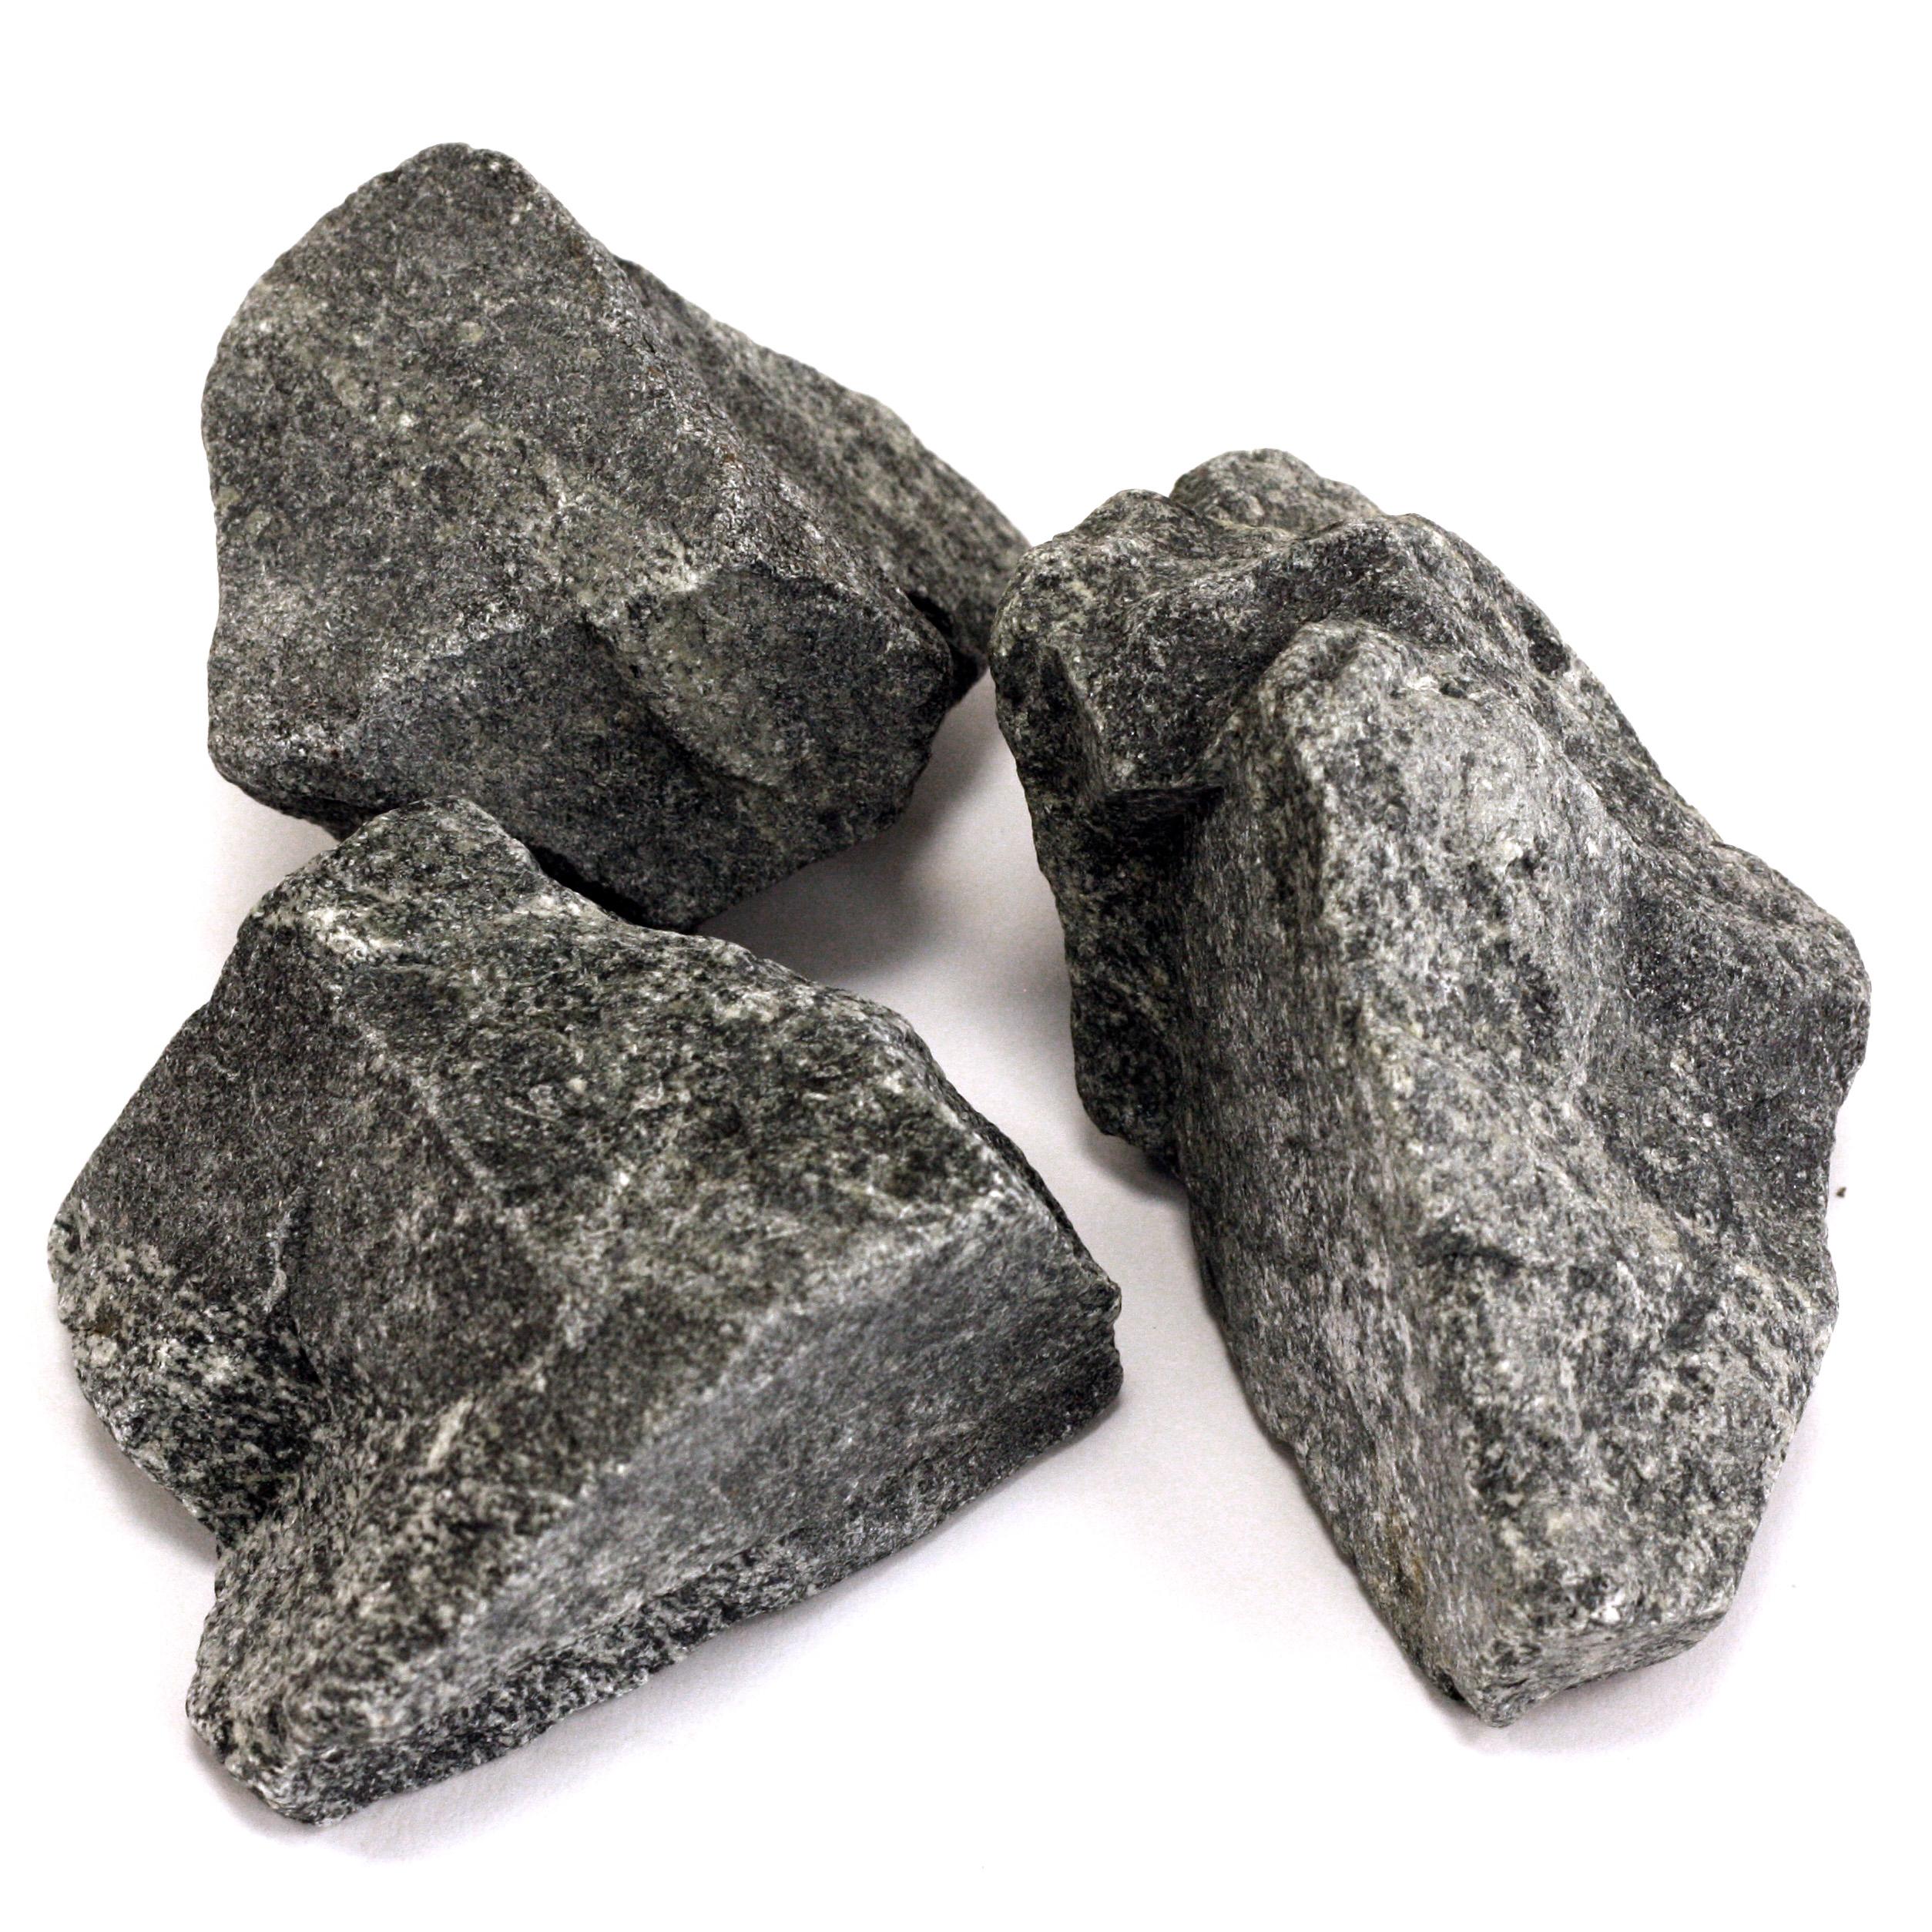 Камень для бани Габро-Диабаз колотый 20кг - фото